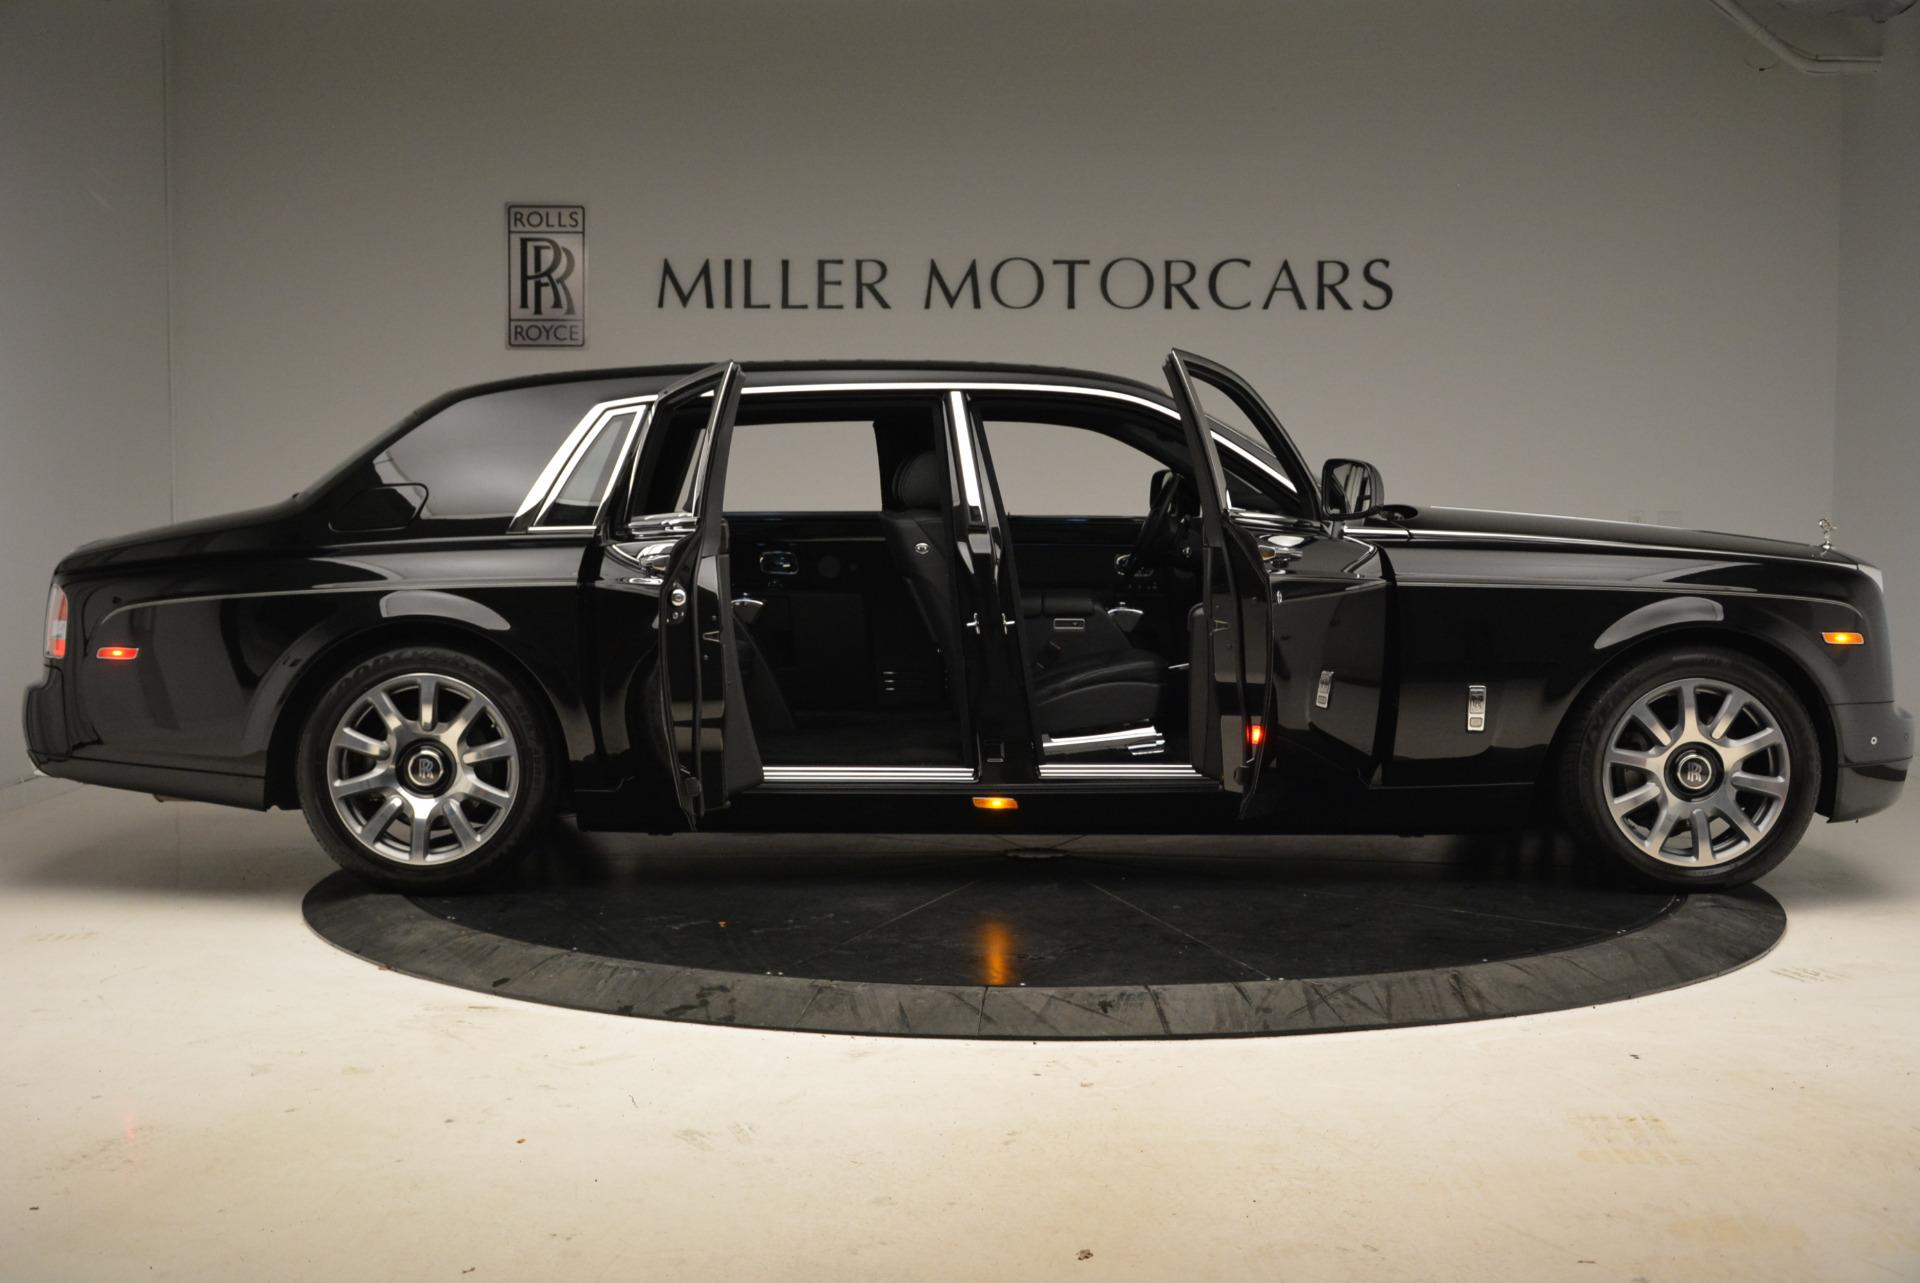 Used 2014 Rolls-Royce Phantom EWB For Sale In Greenwich, CT 2051_p10